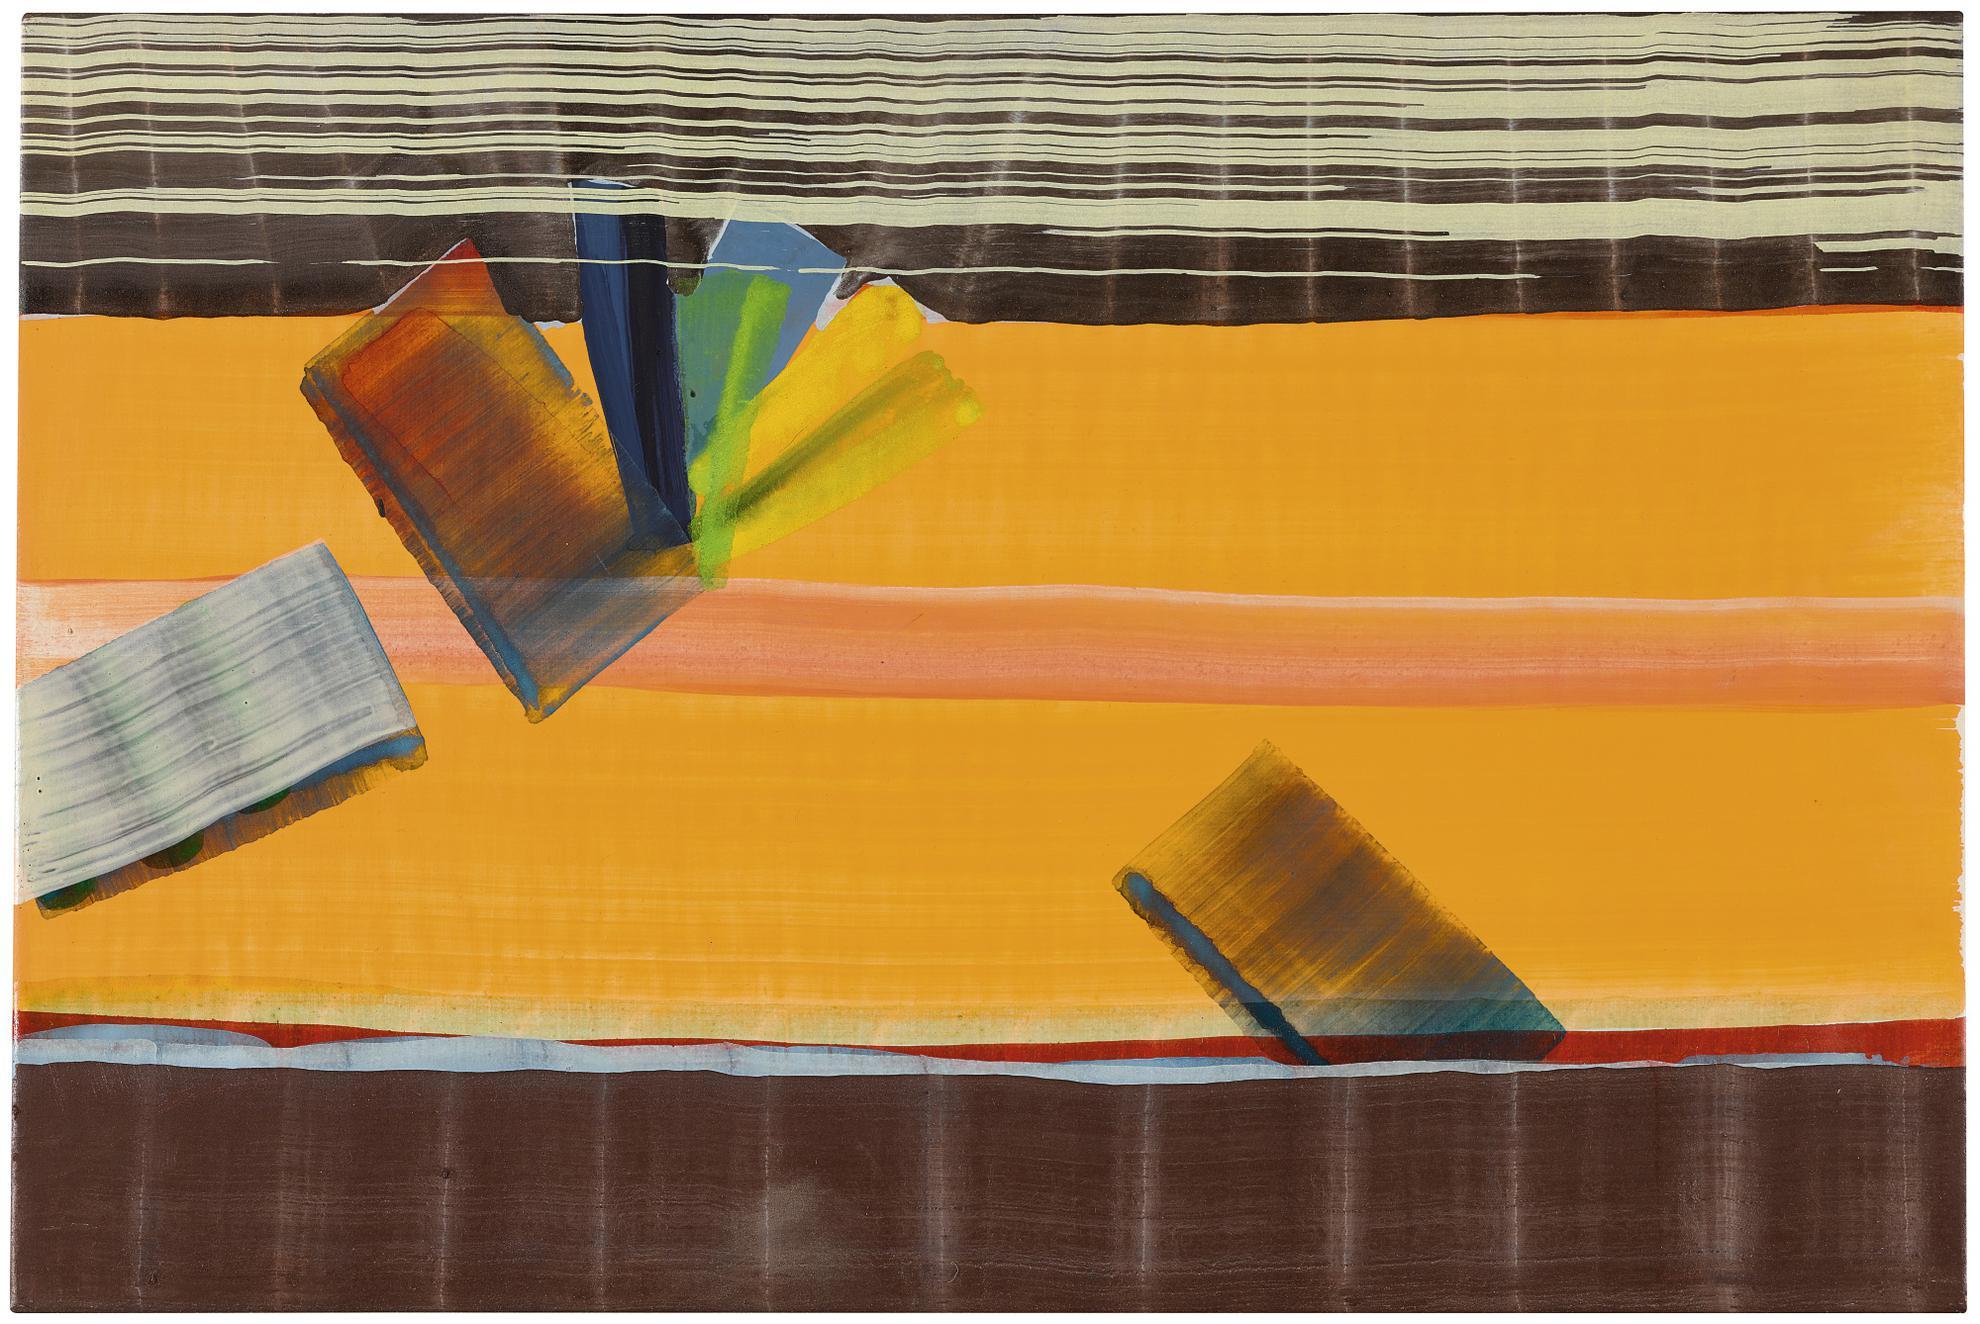 Juan Usle-Grand Sol-2000